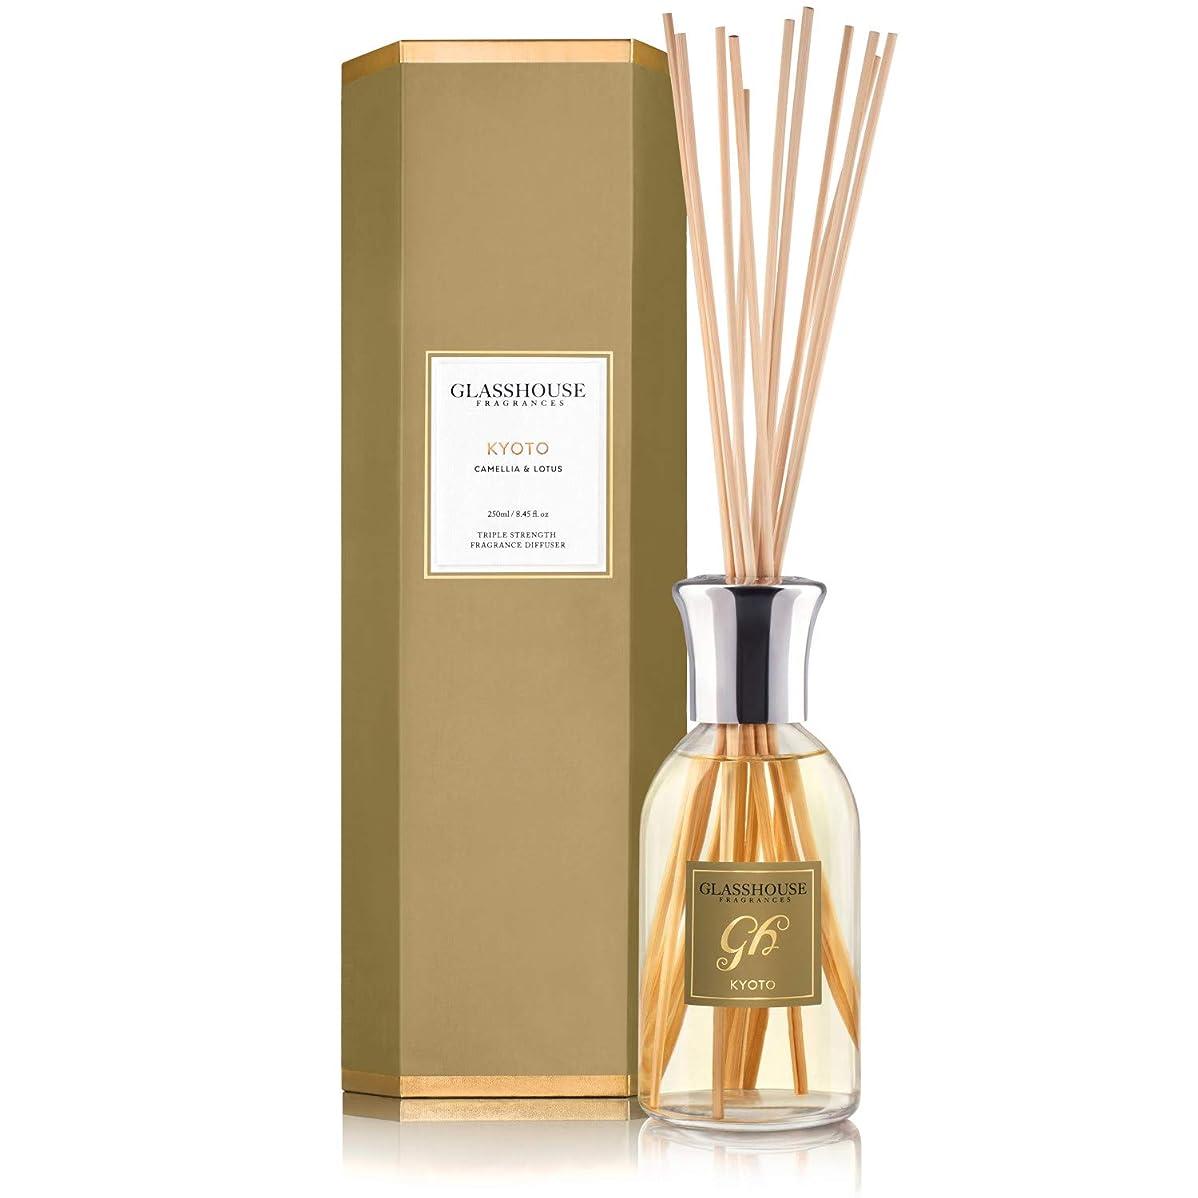 スペース気づく徐々にグラスハウス Triple Strength Fragrance Diffuser - Kyoto (Camellia & Lotus) 250ml/8.45oz並行輸入品